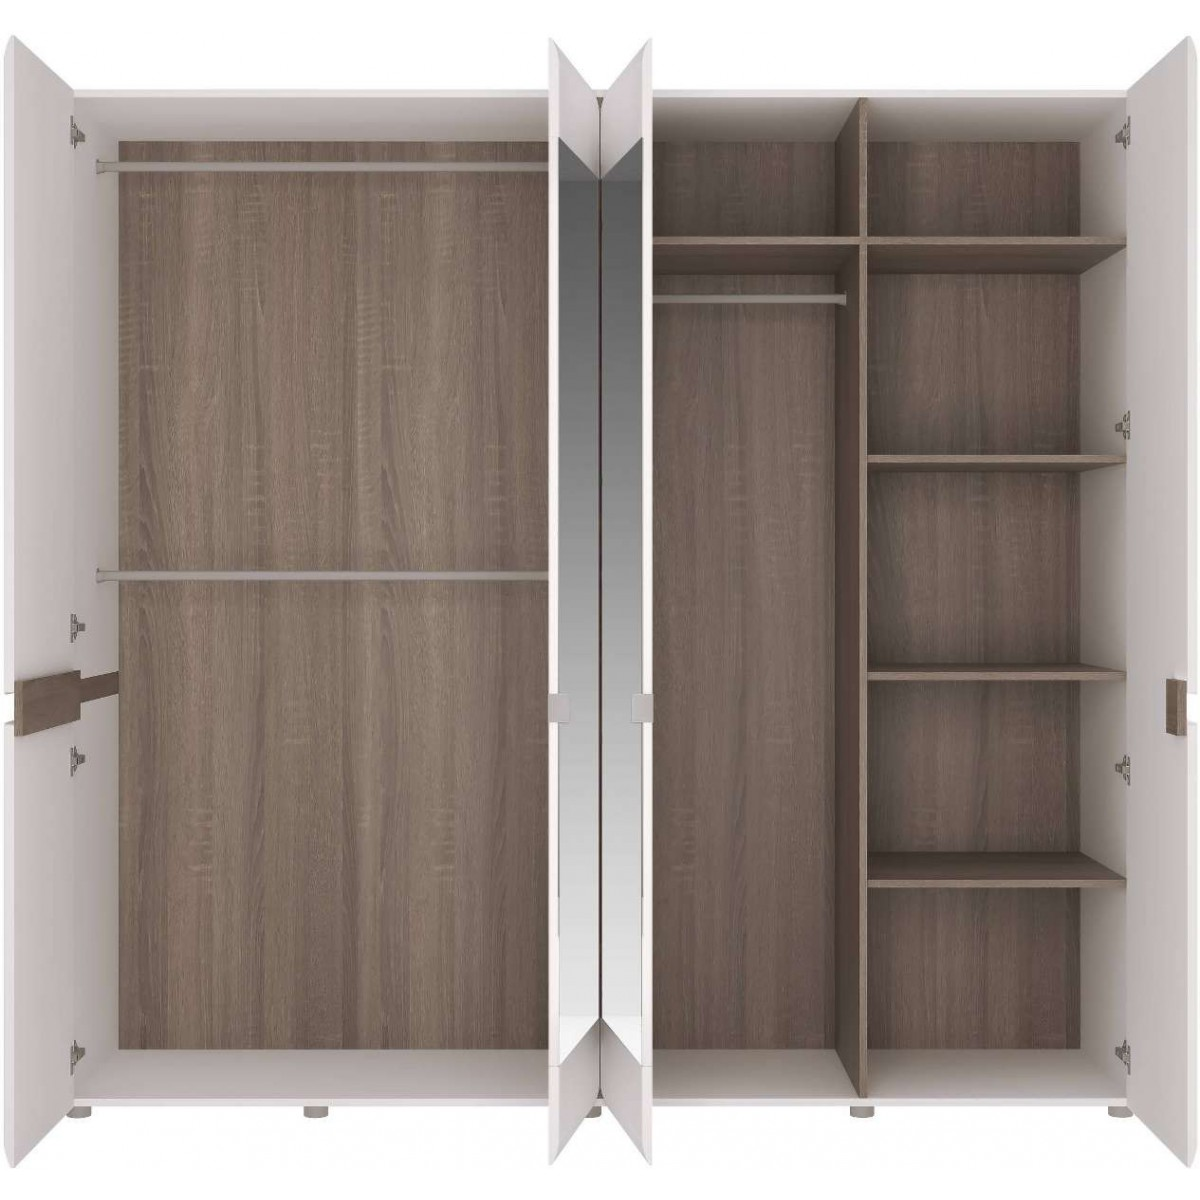 Szafa 4-drzwiowa do sypialni Biały połysk Linate typ 23